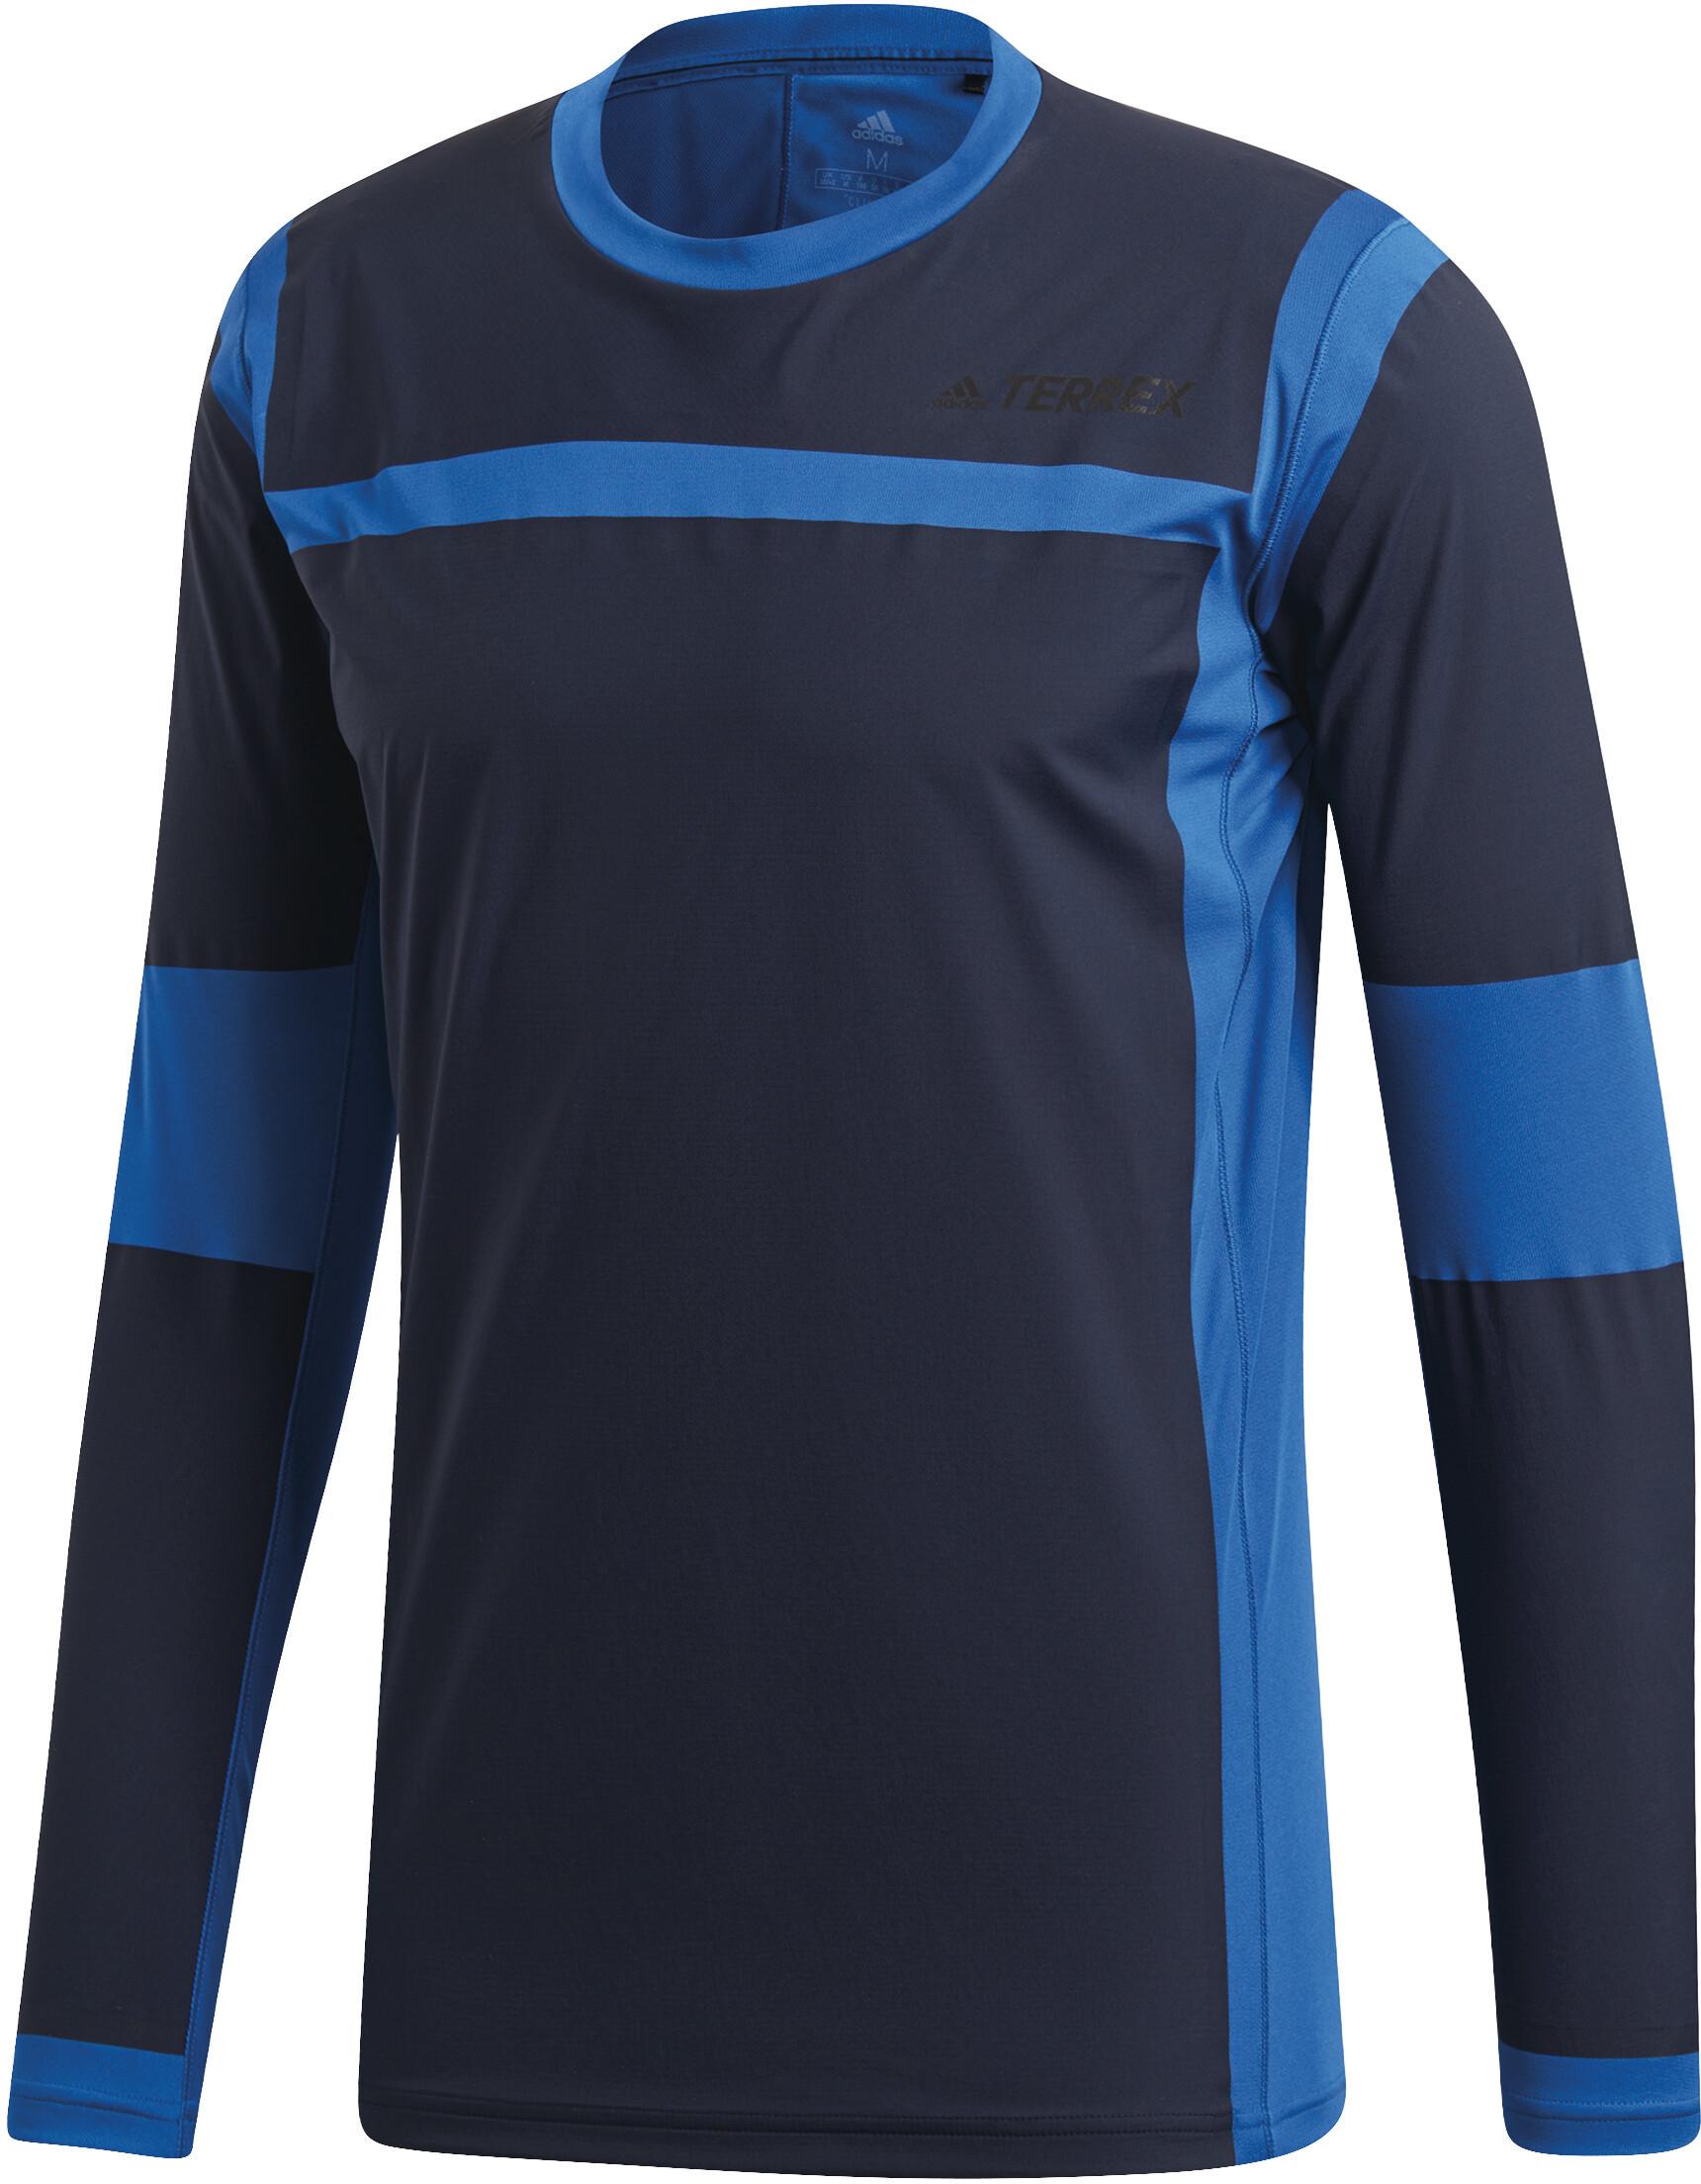 874b4e119e4a2 adidas TERREX Agravic - Camiseta manga larga running Hombre - azul ...